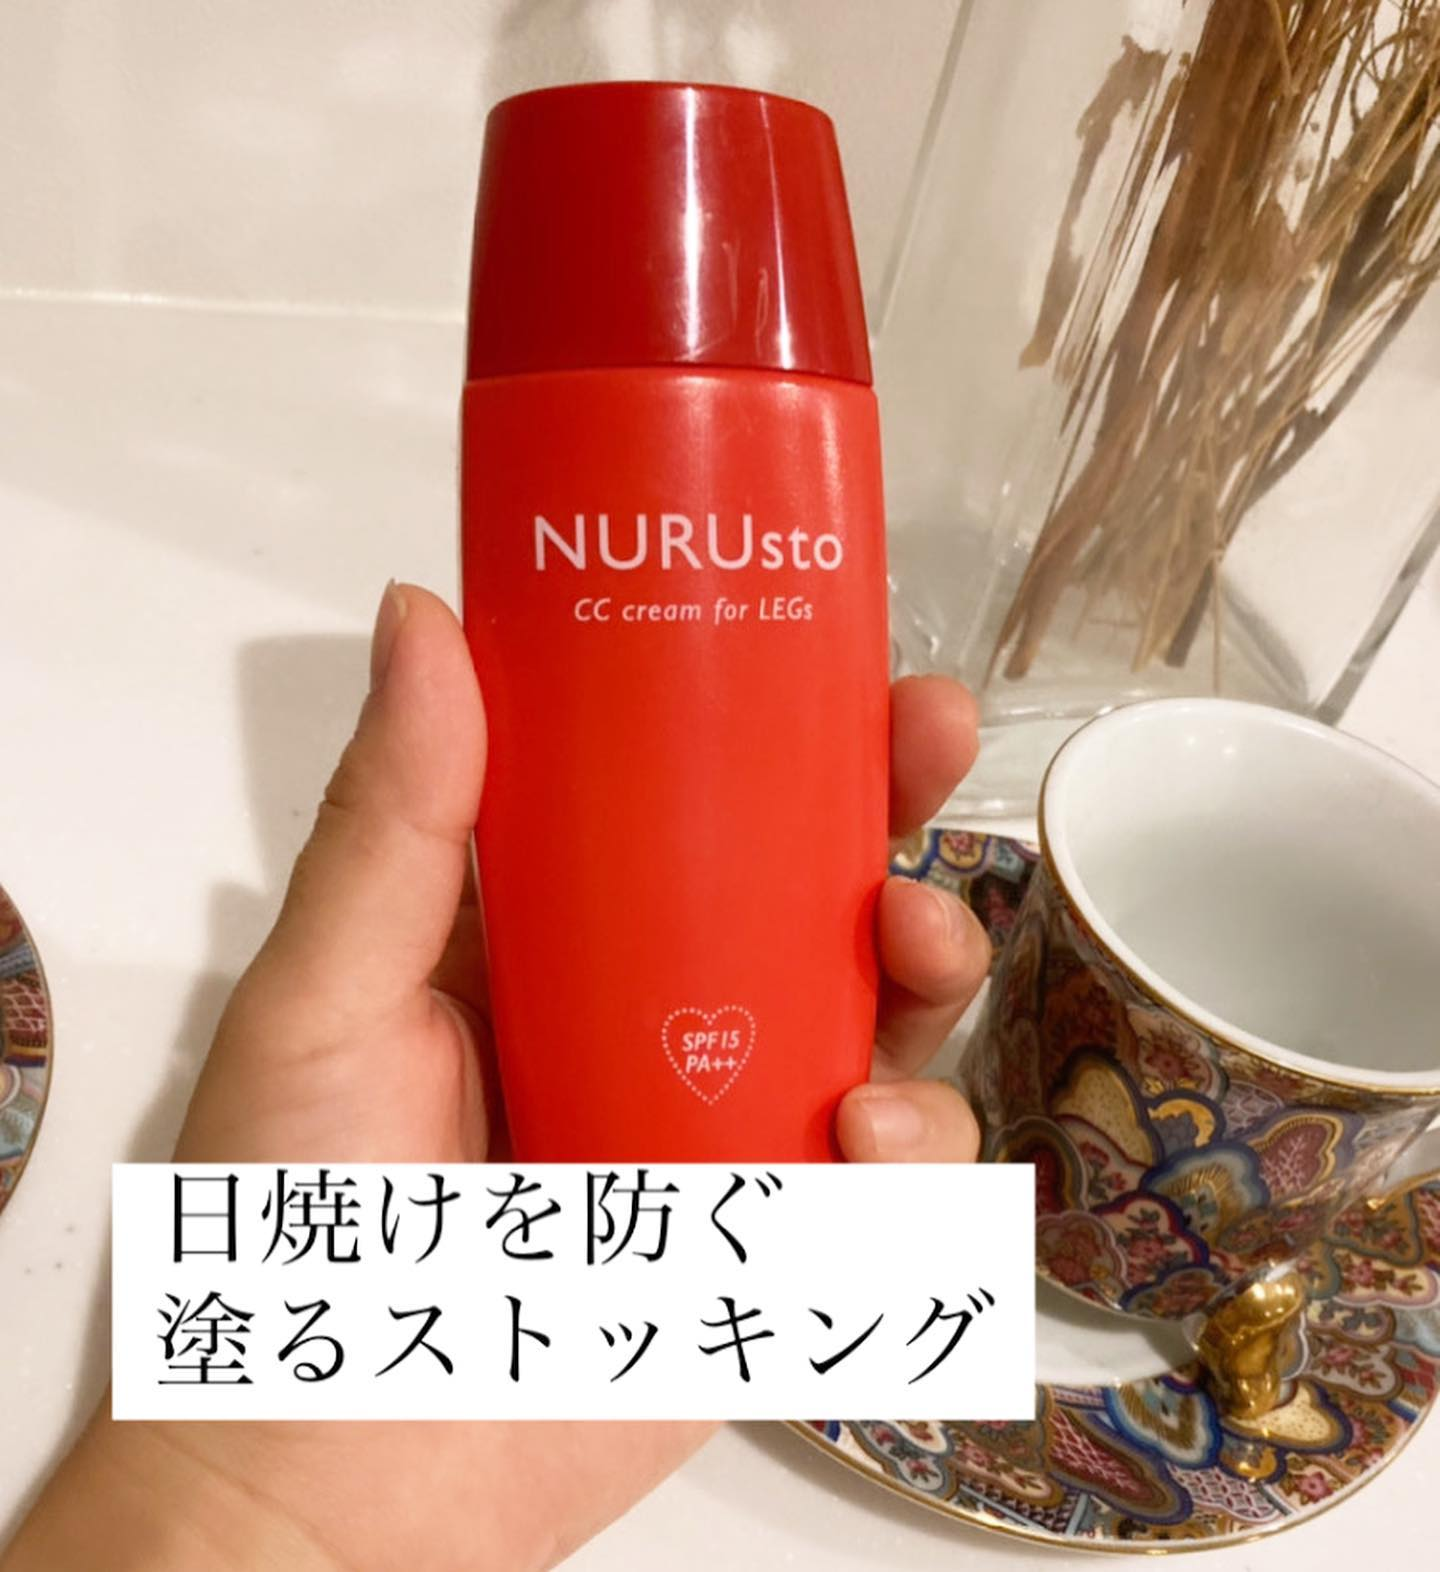 口コミ投稿:#nurusto #塗るだけストッキング #ヌルスト #monipla #pelicansoap_fan#nurusto とは…